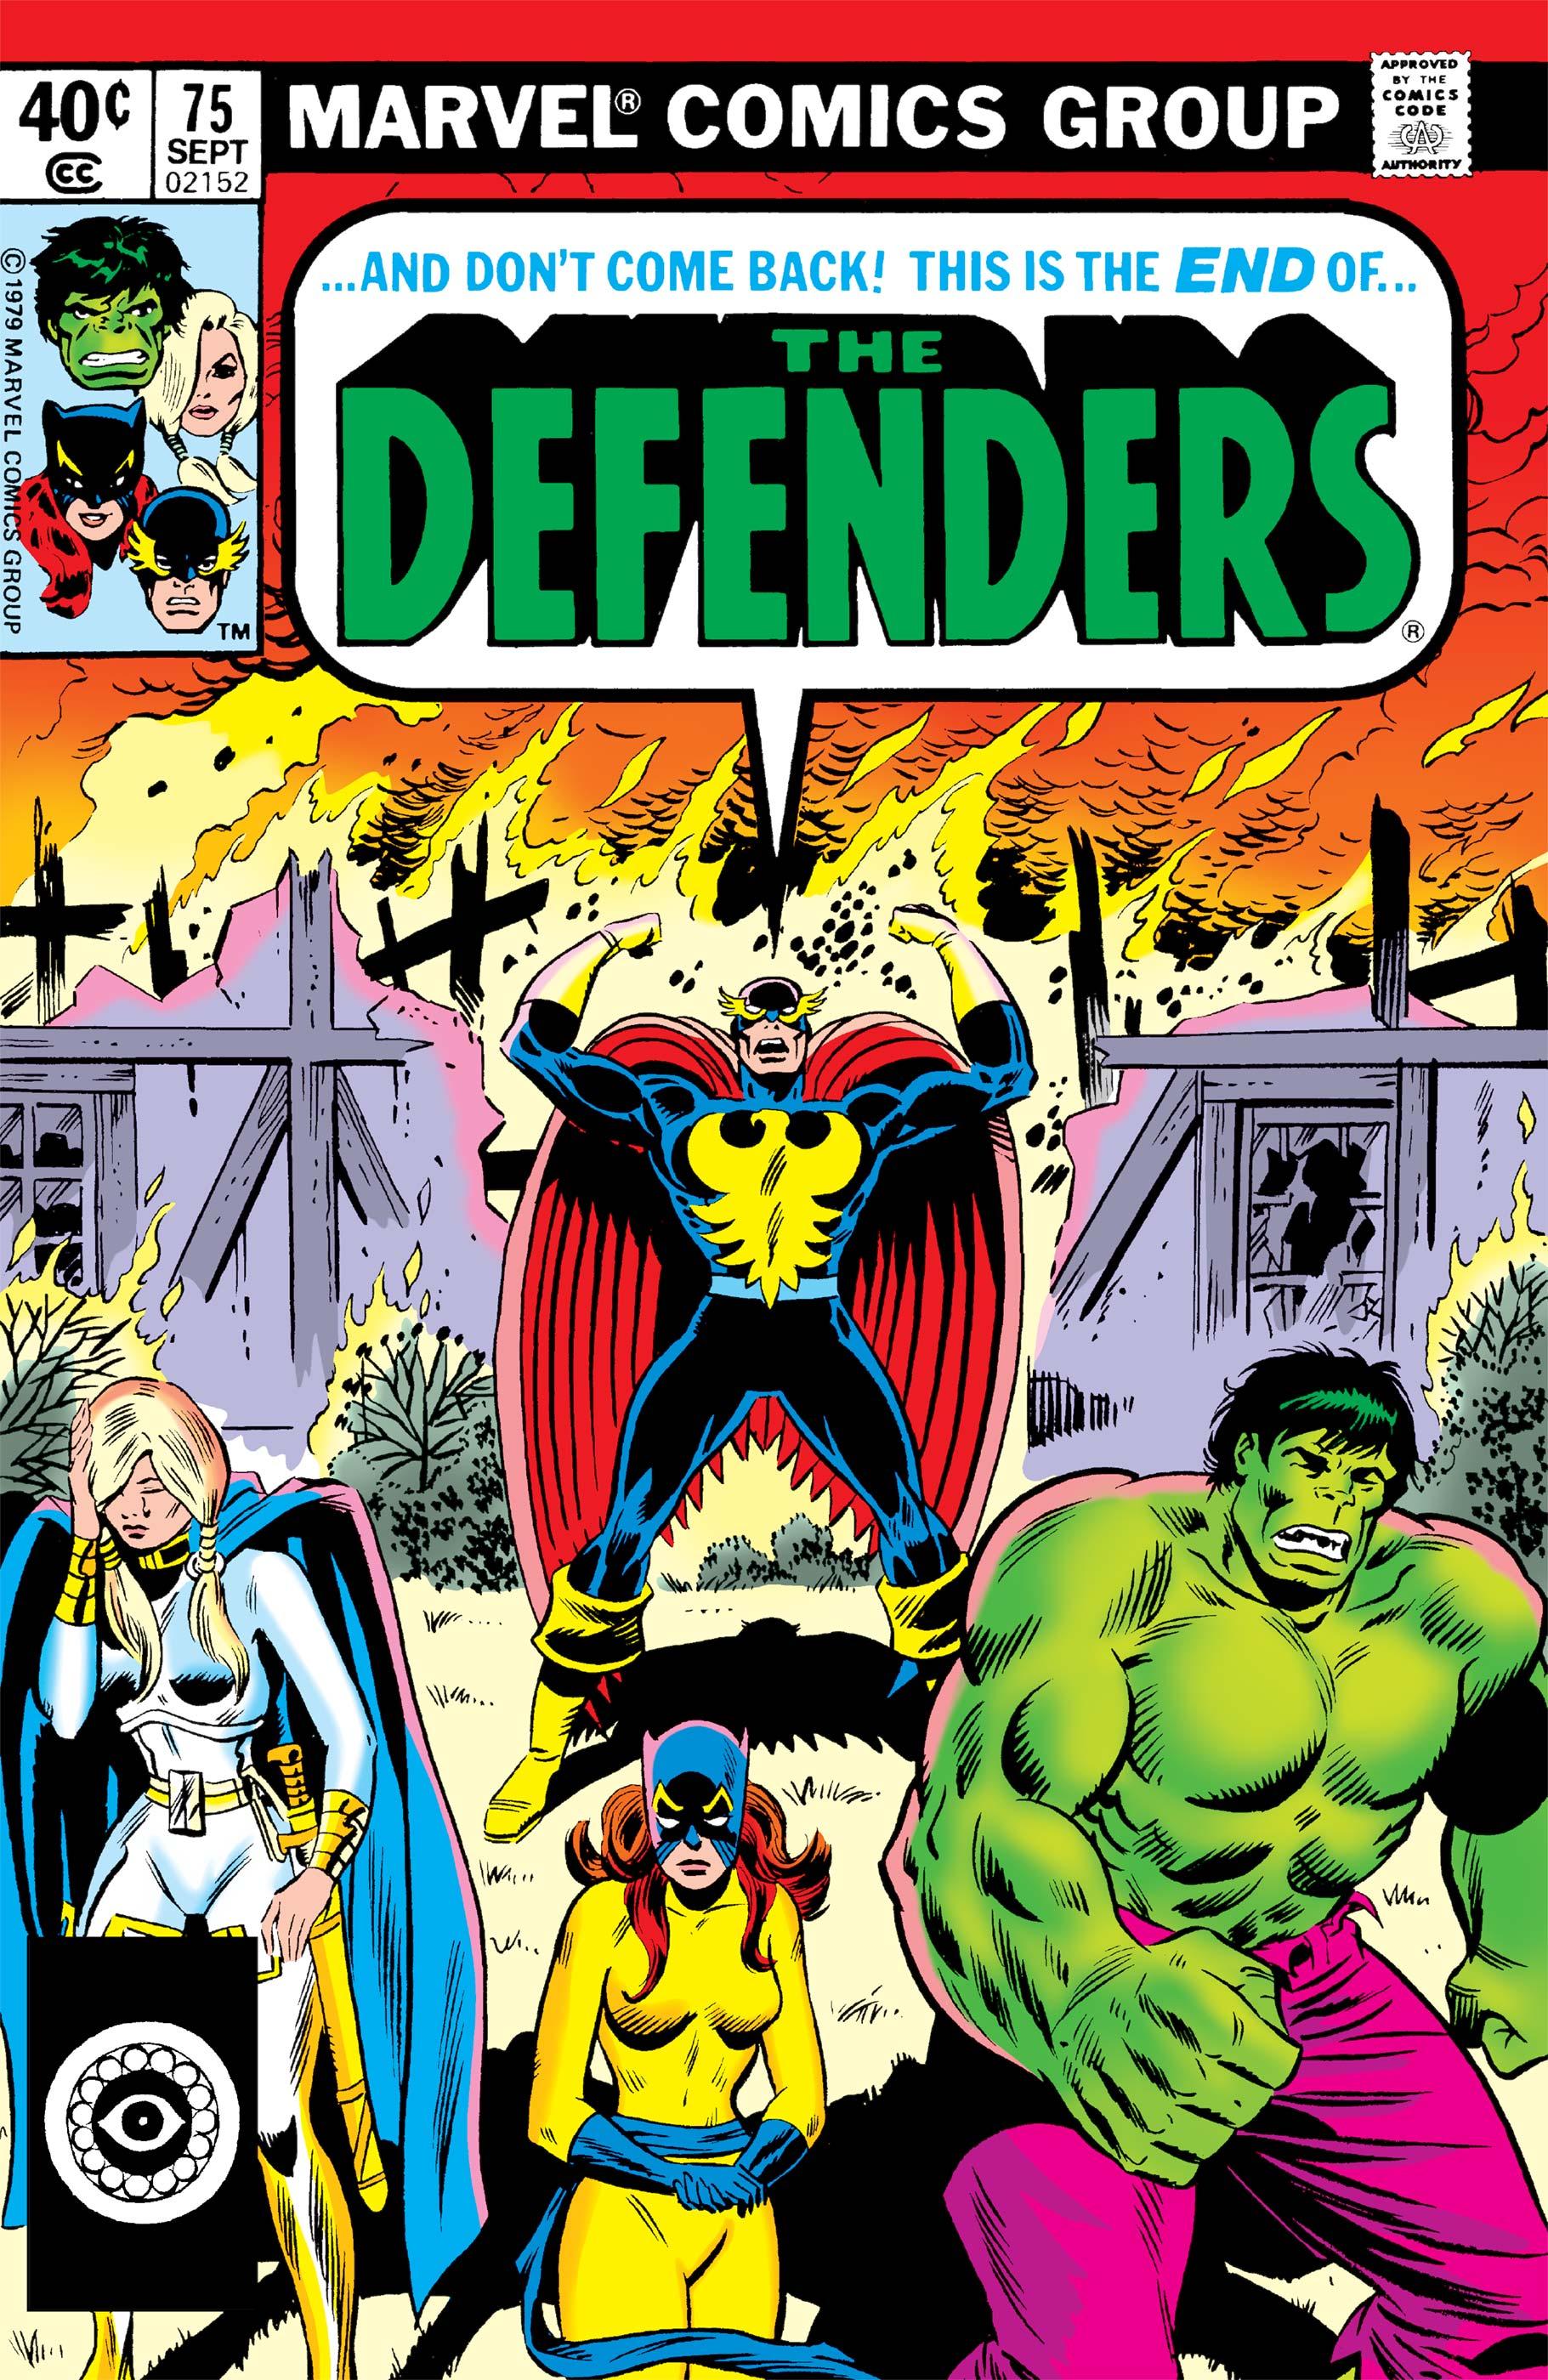 Defenders (1972) #75